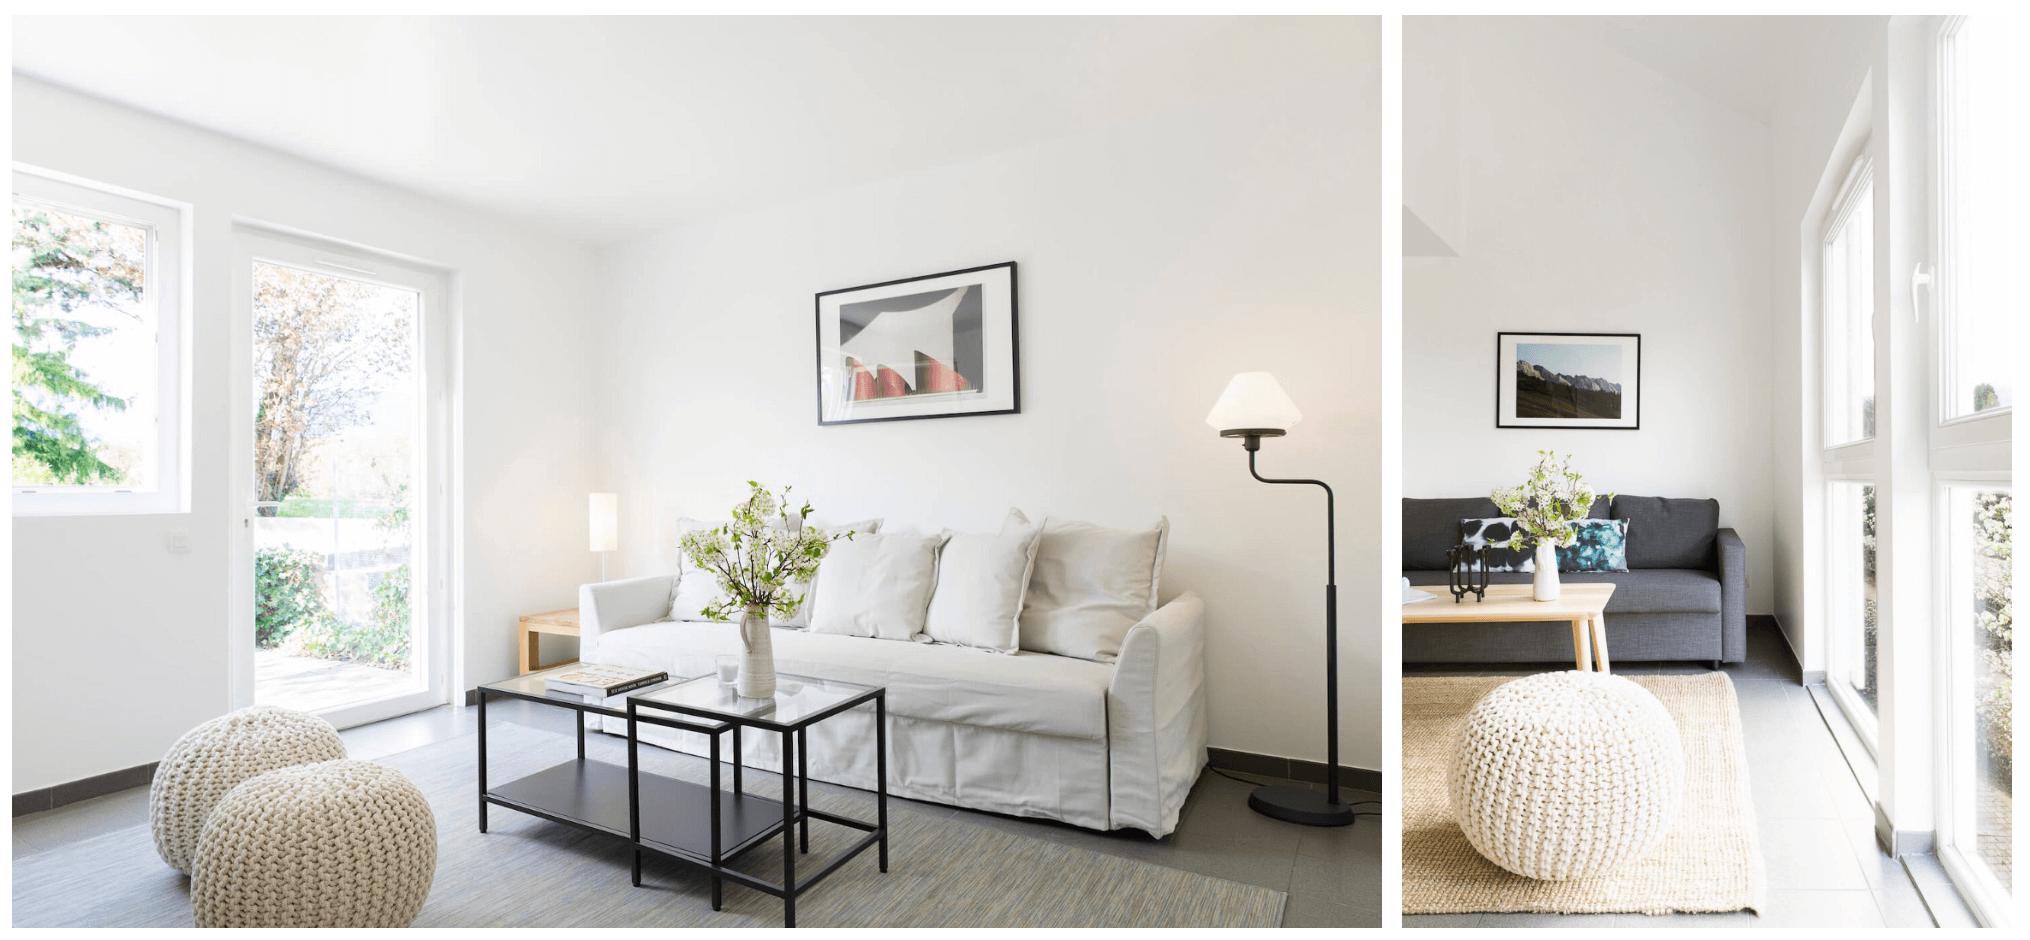 Voir nos studios et duplex à vendre meublé en IKEA ! → Le Lodge de Segny dans le pays de Gex